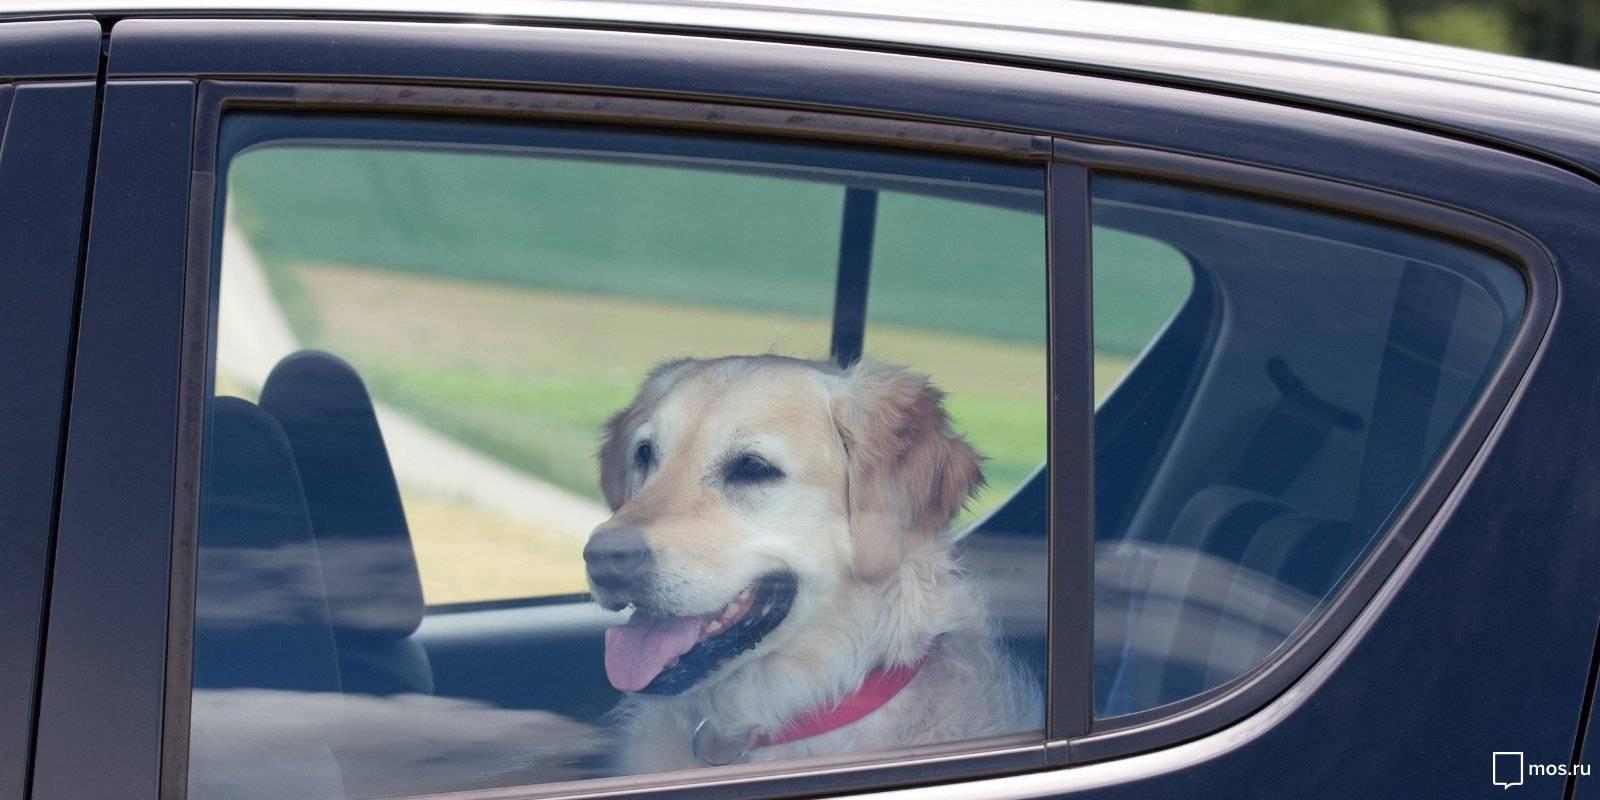 Собаку укачивает в машине: физиологические и психологические причины, чем помочь питомцу